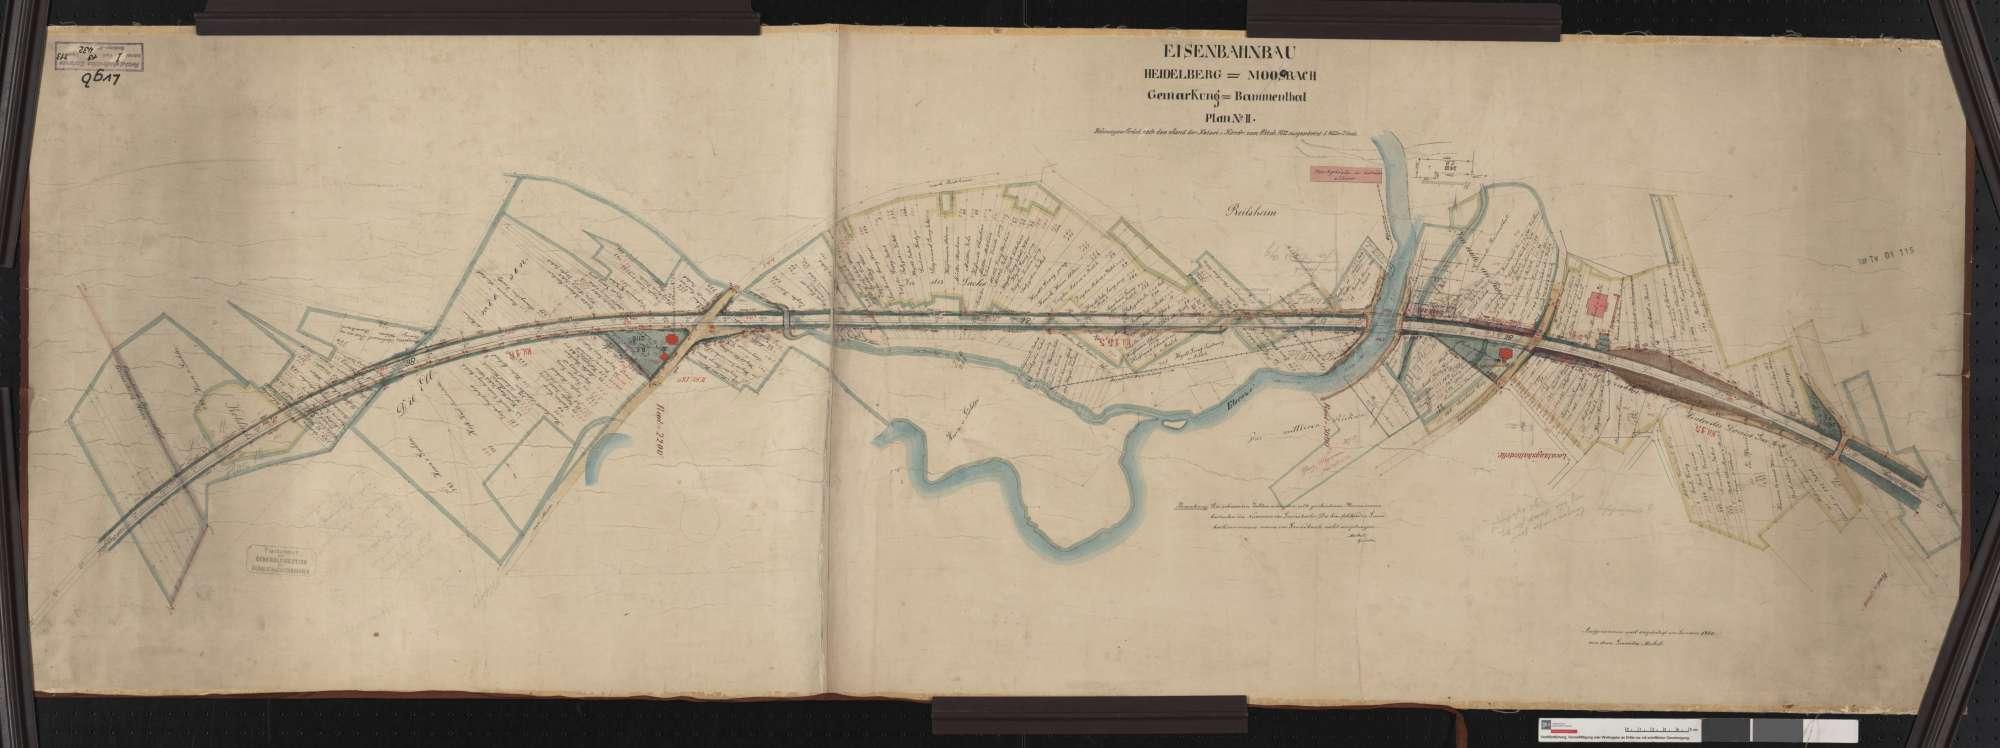 Situationsplan der Bahn von Heidelberg bis Mosbach: Gemarkung Bammental Streckenausschnitt: 14,9 bis 16,3 km, Bild 1